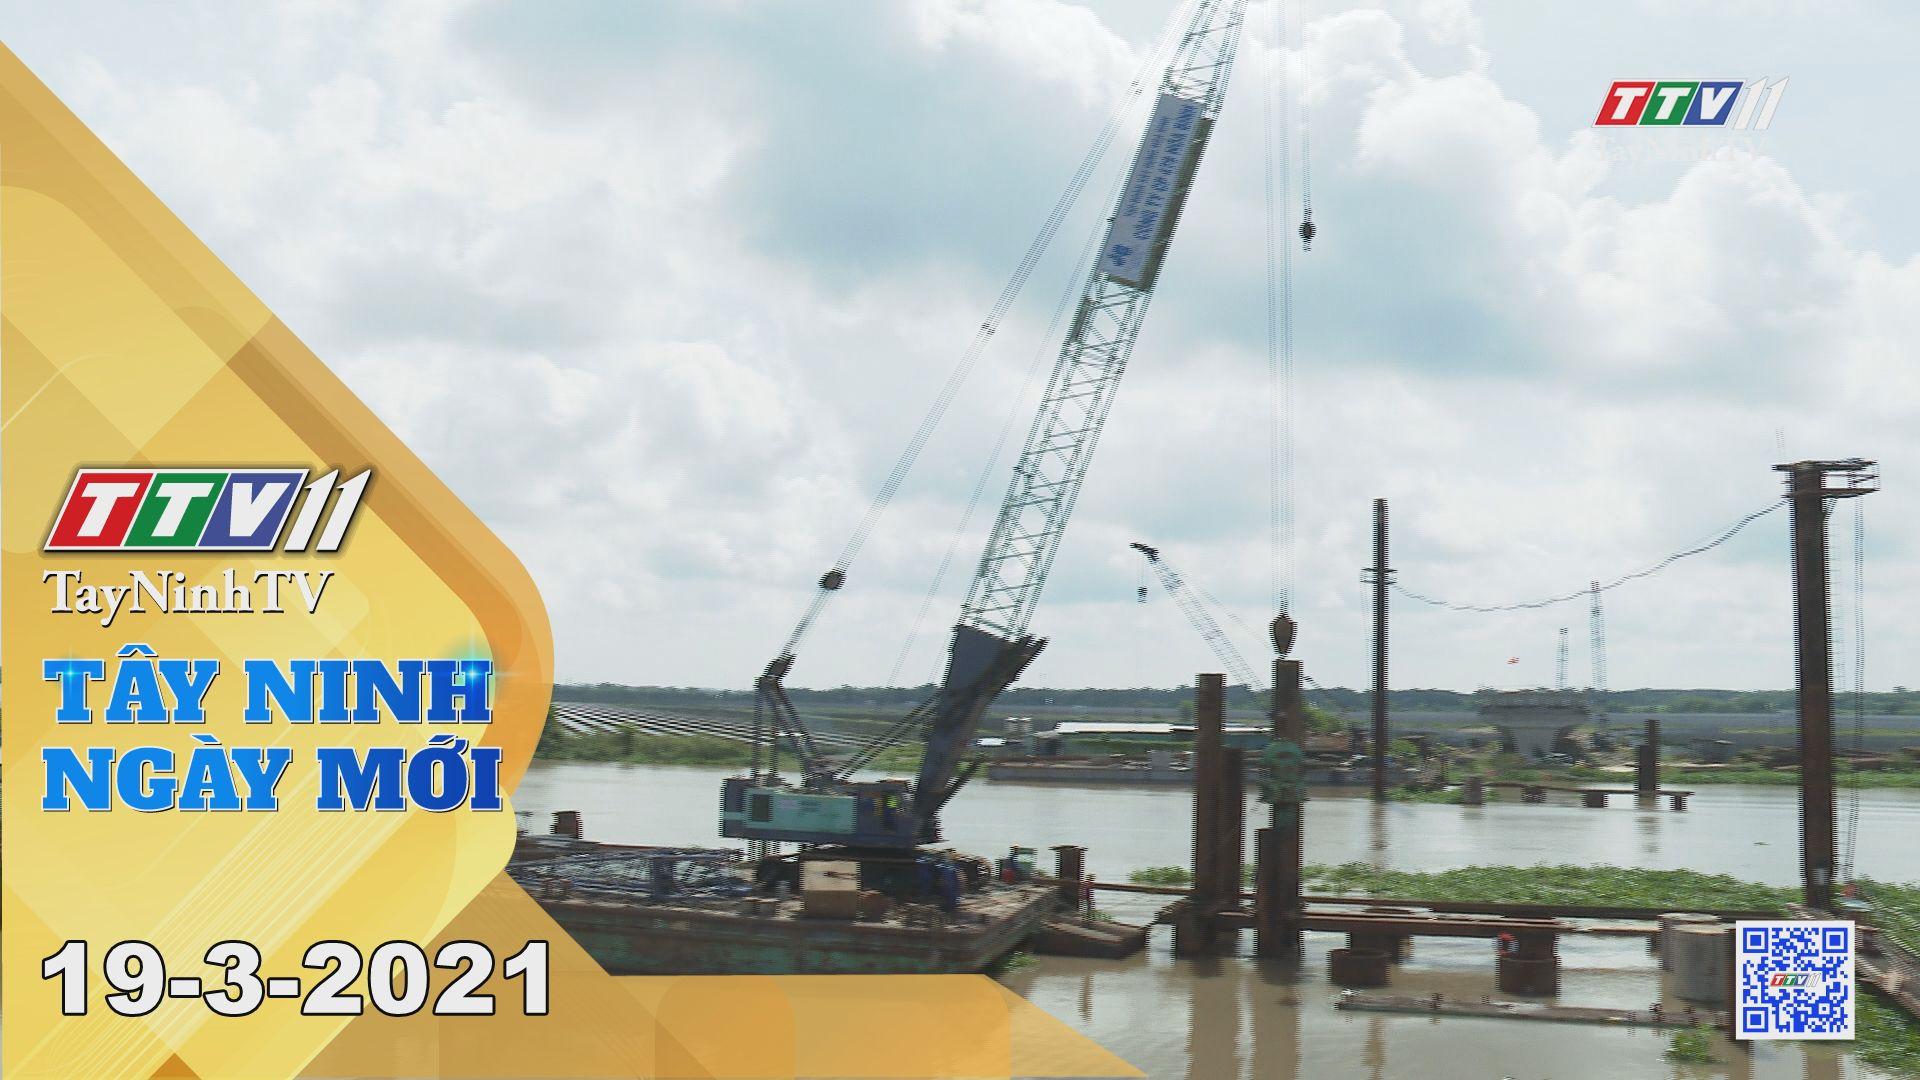 Tây Ninh Ngày Mới 19-3-2021 | Tin tức hôm nay | TayNinhTV